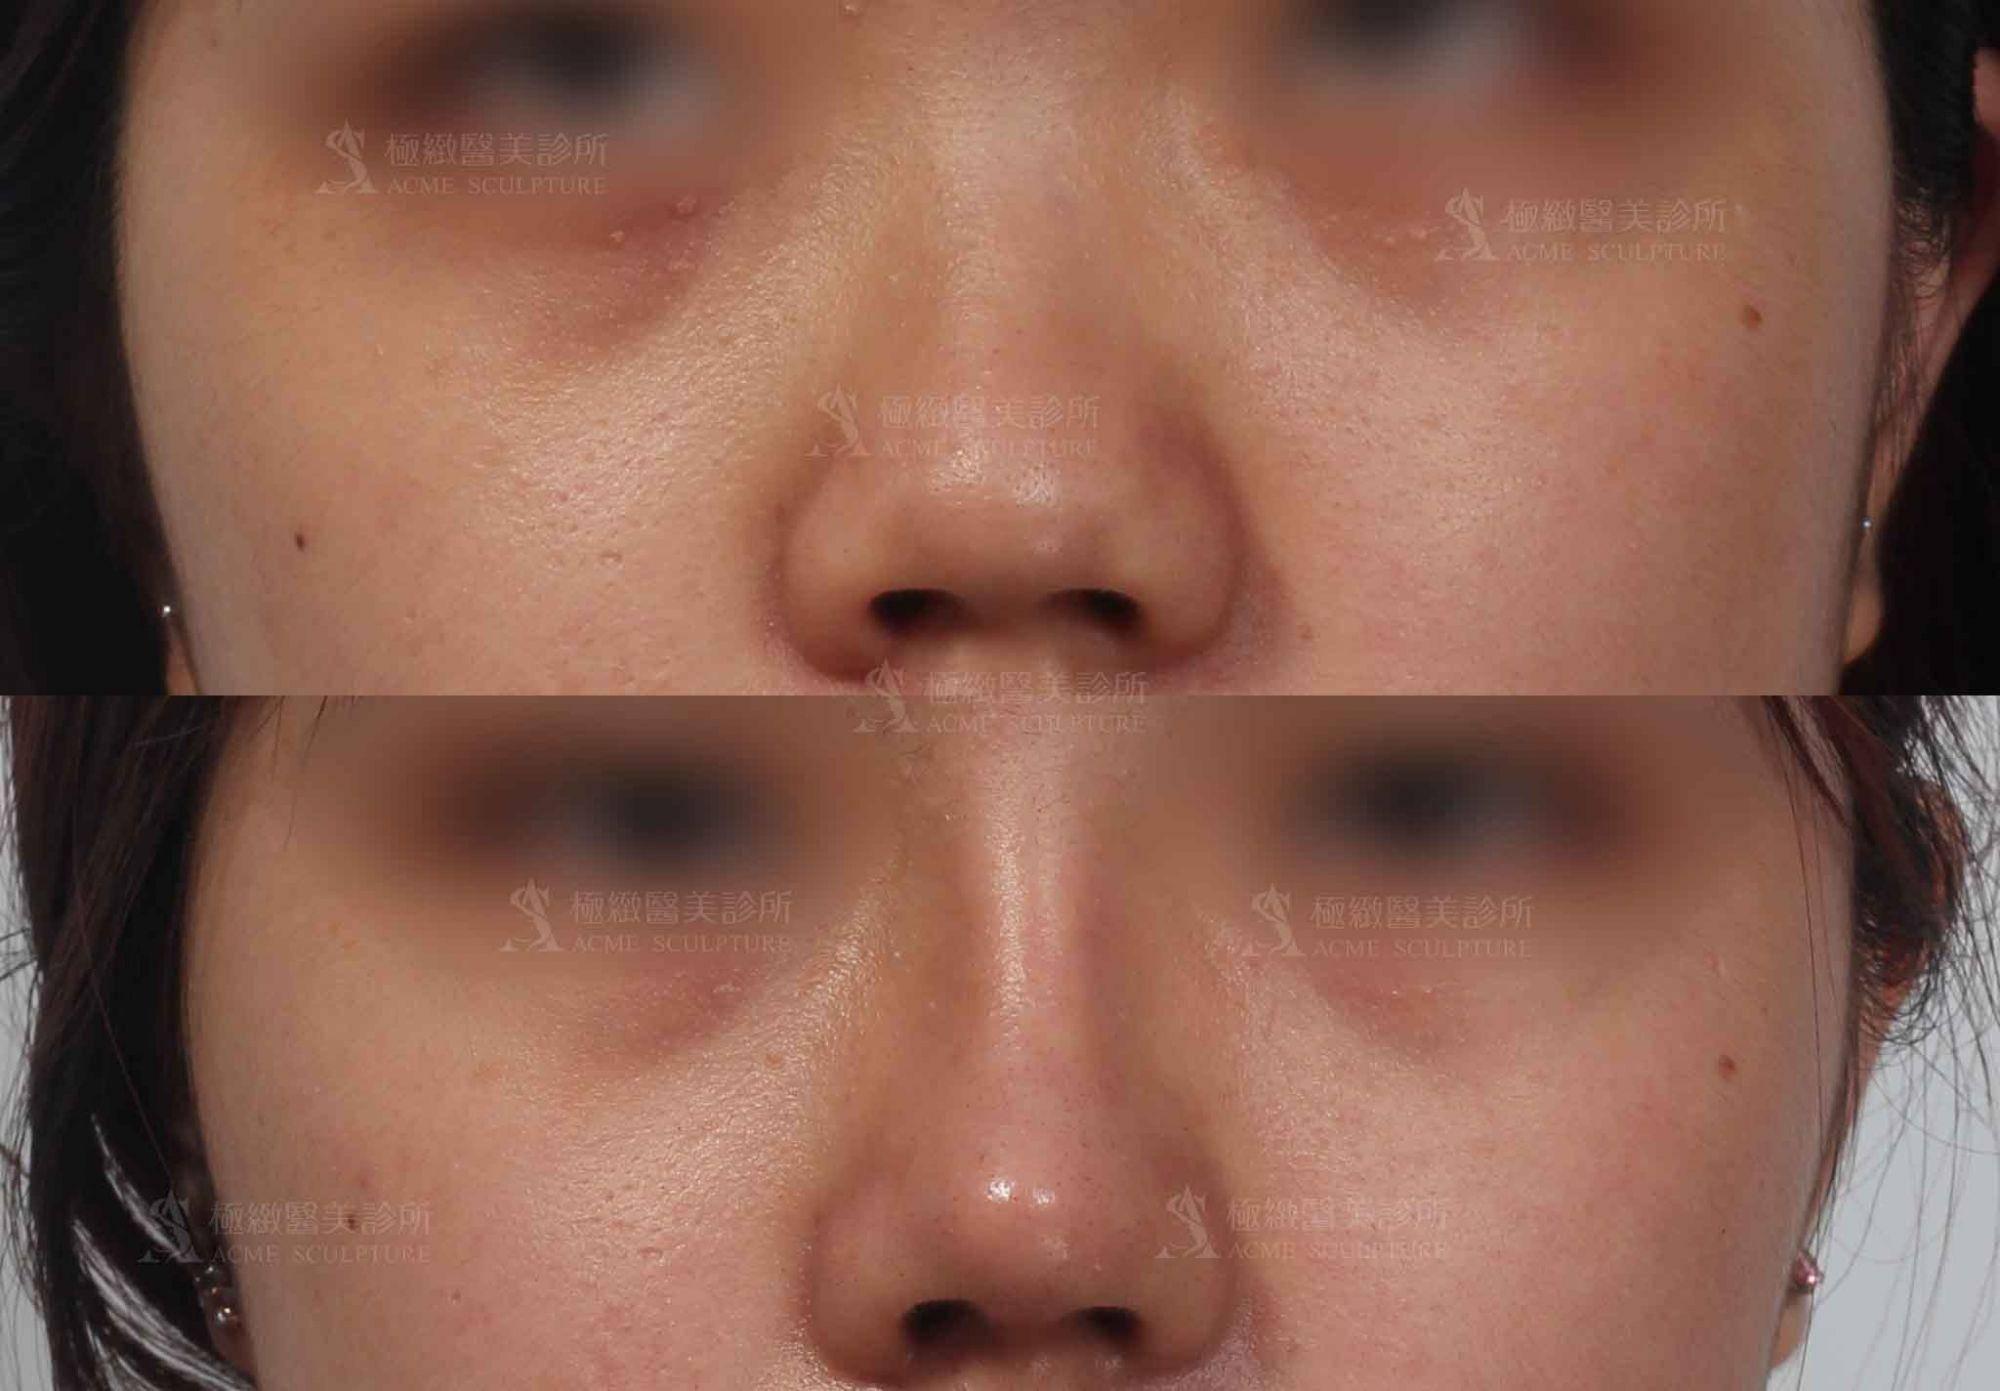 顏正安醫師,結構式隆鼻,隆鼻分享,隆鼻案例,隆鼻手術,醫美隆鼻,隆鼻推薦,隆鼻醫美,隆鼻診所,中山區隆鼻,台北隆鼻,隆鼻醫師,林日新醫師,林日新隆鼻,林日新評價